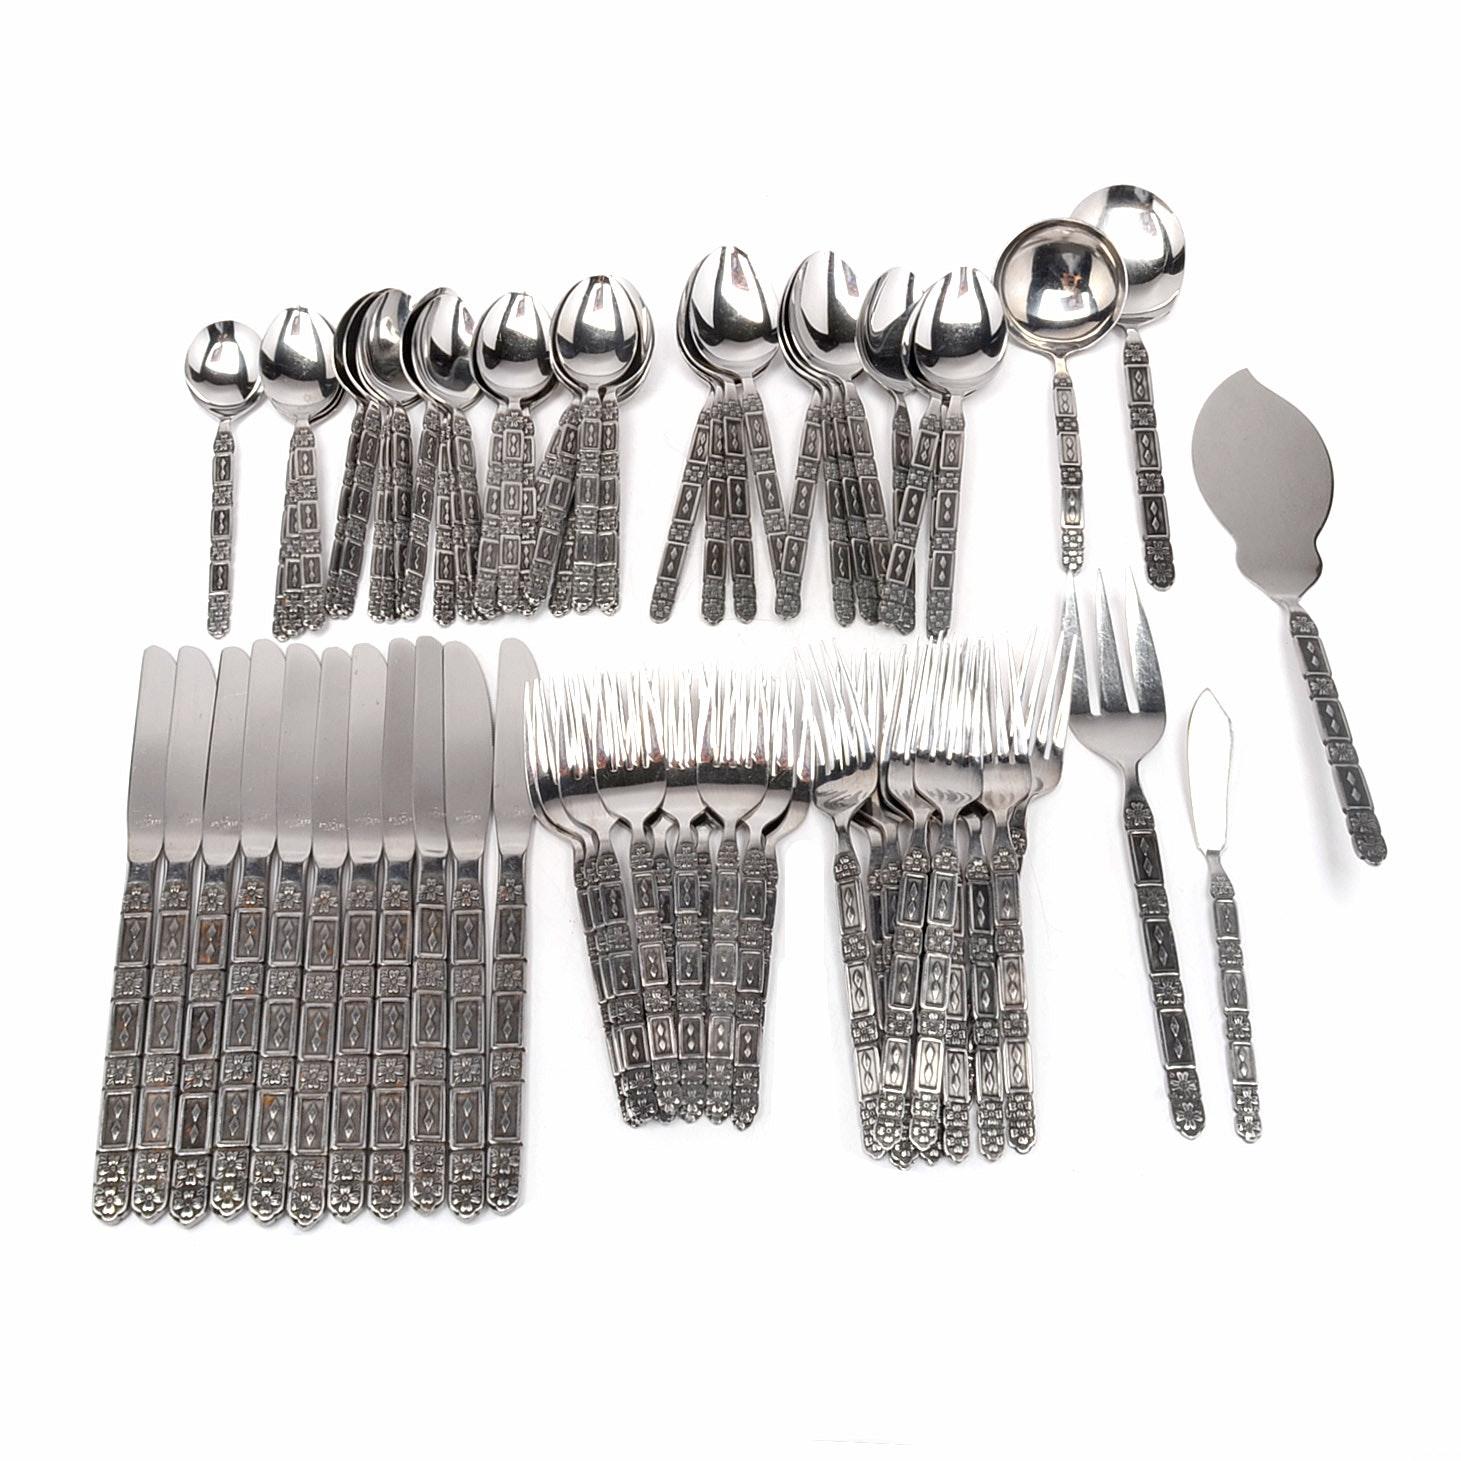 Vintage Stainless Steel Flatware Set by Lifetime Cutlery of Japan